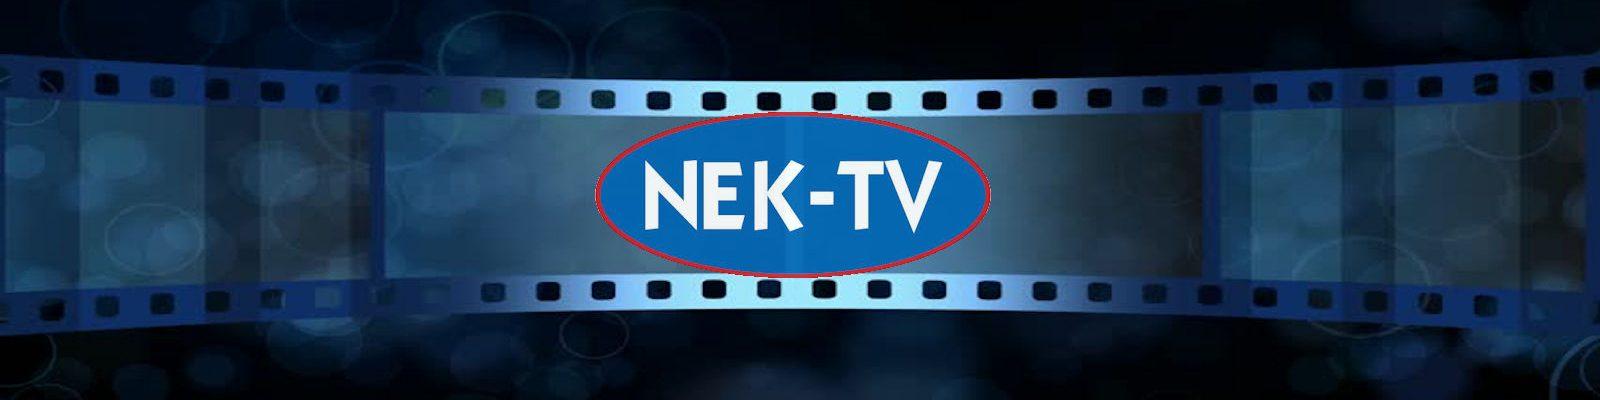 NEK-TV – Public Access Television